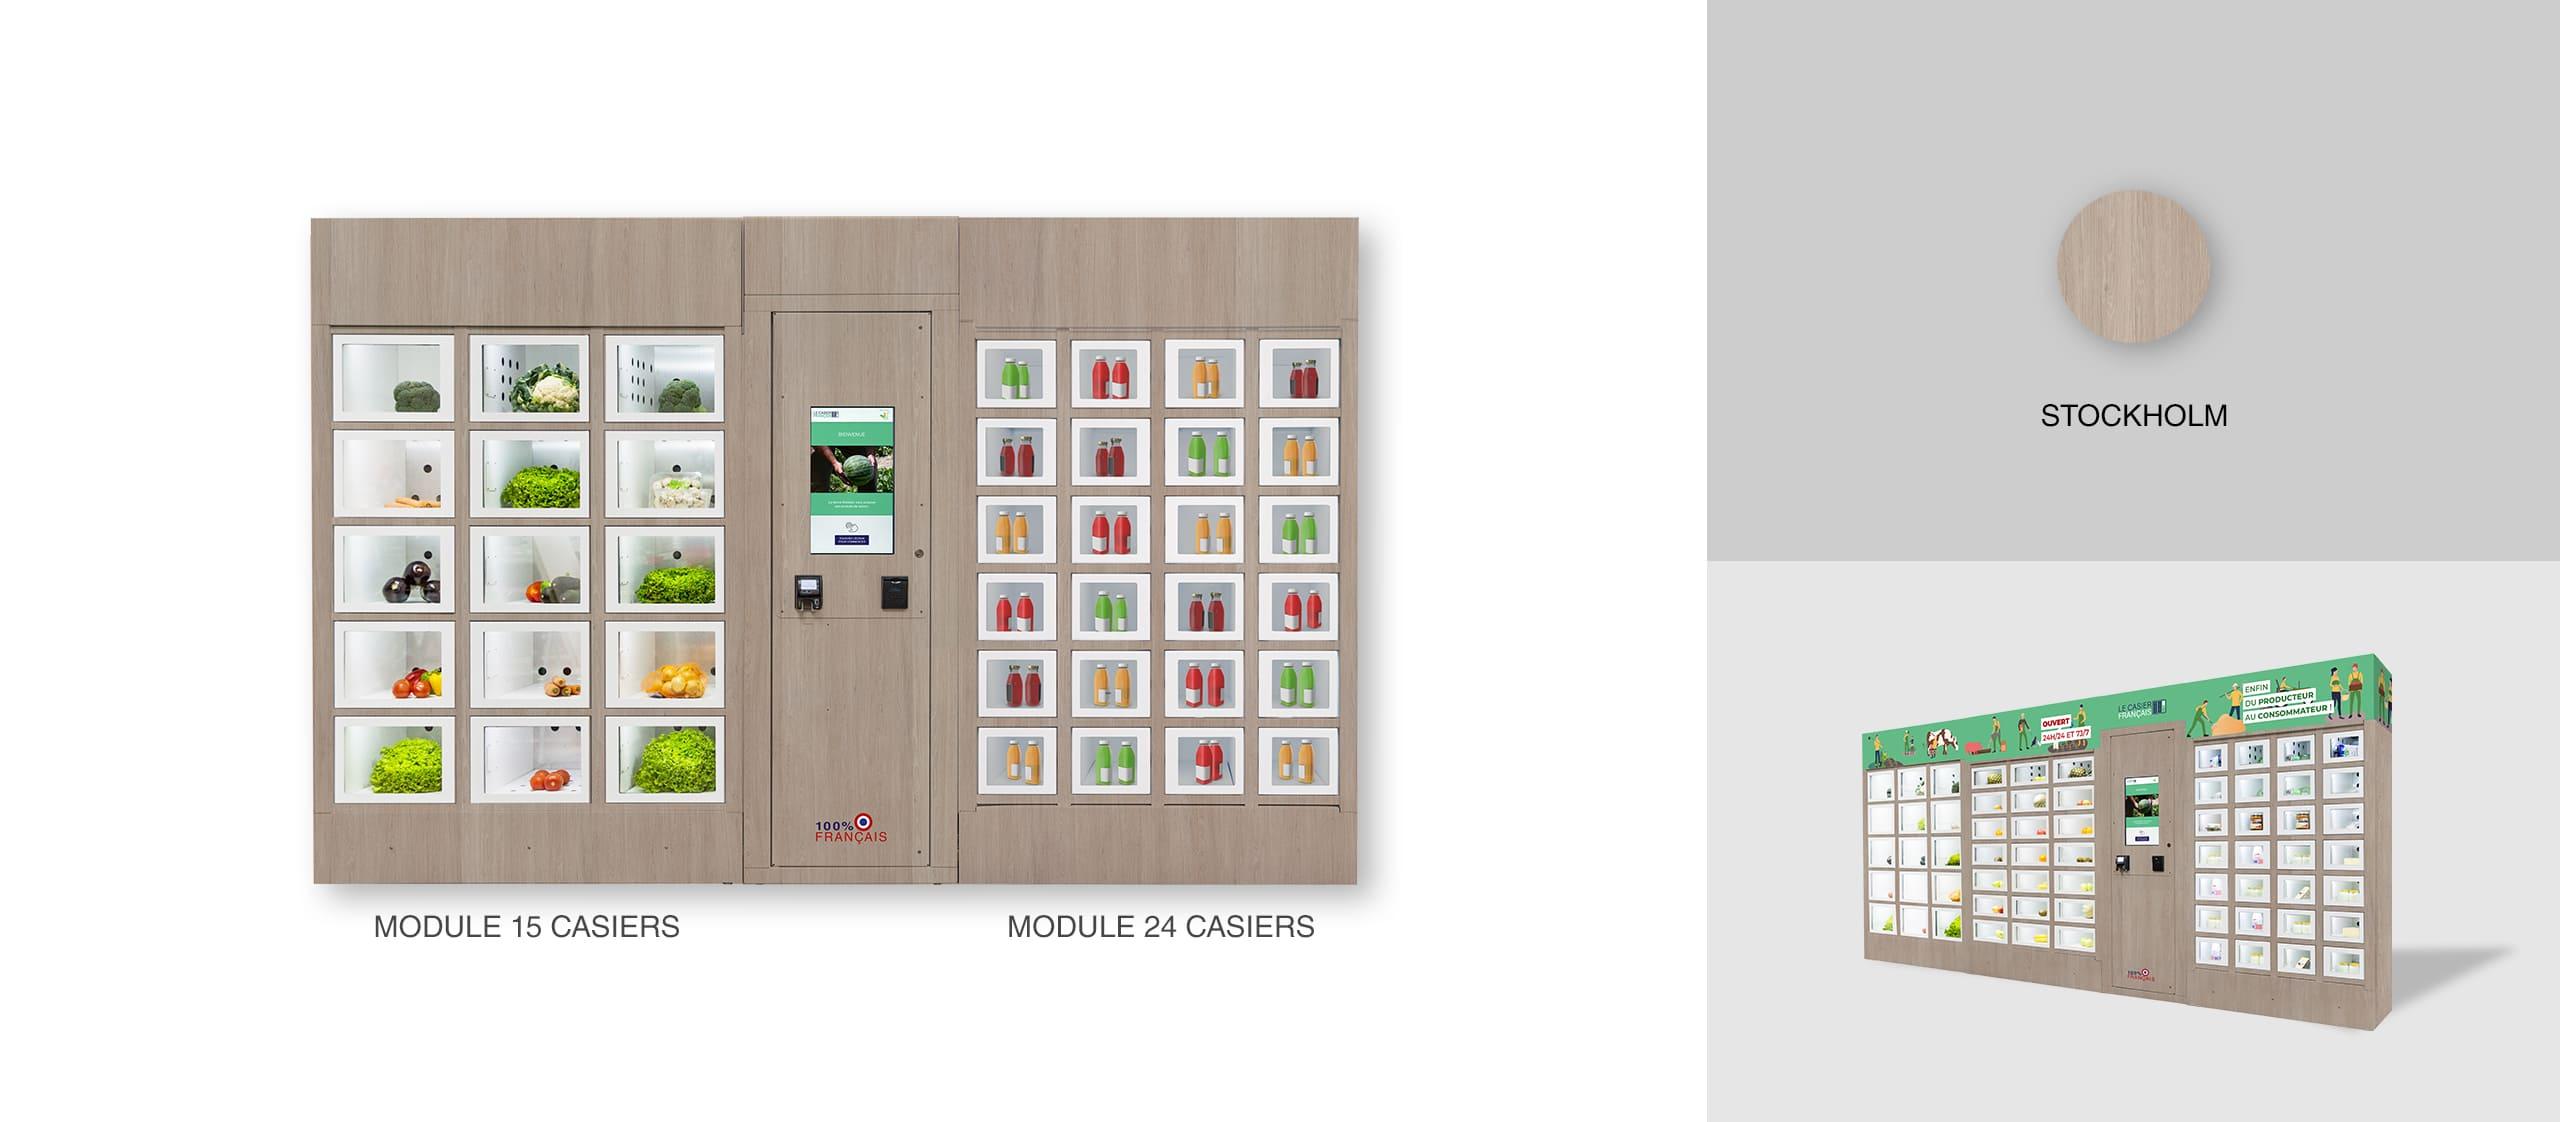 Carcasa de Stockholm de una máquina expendedora Le Casier Français